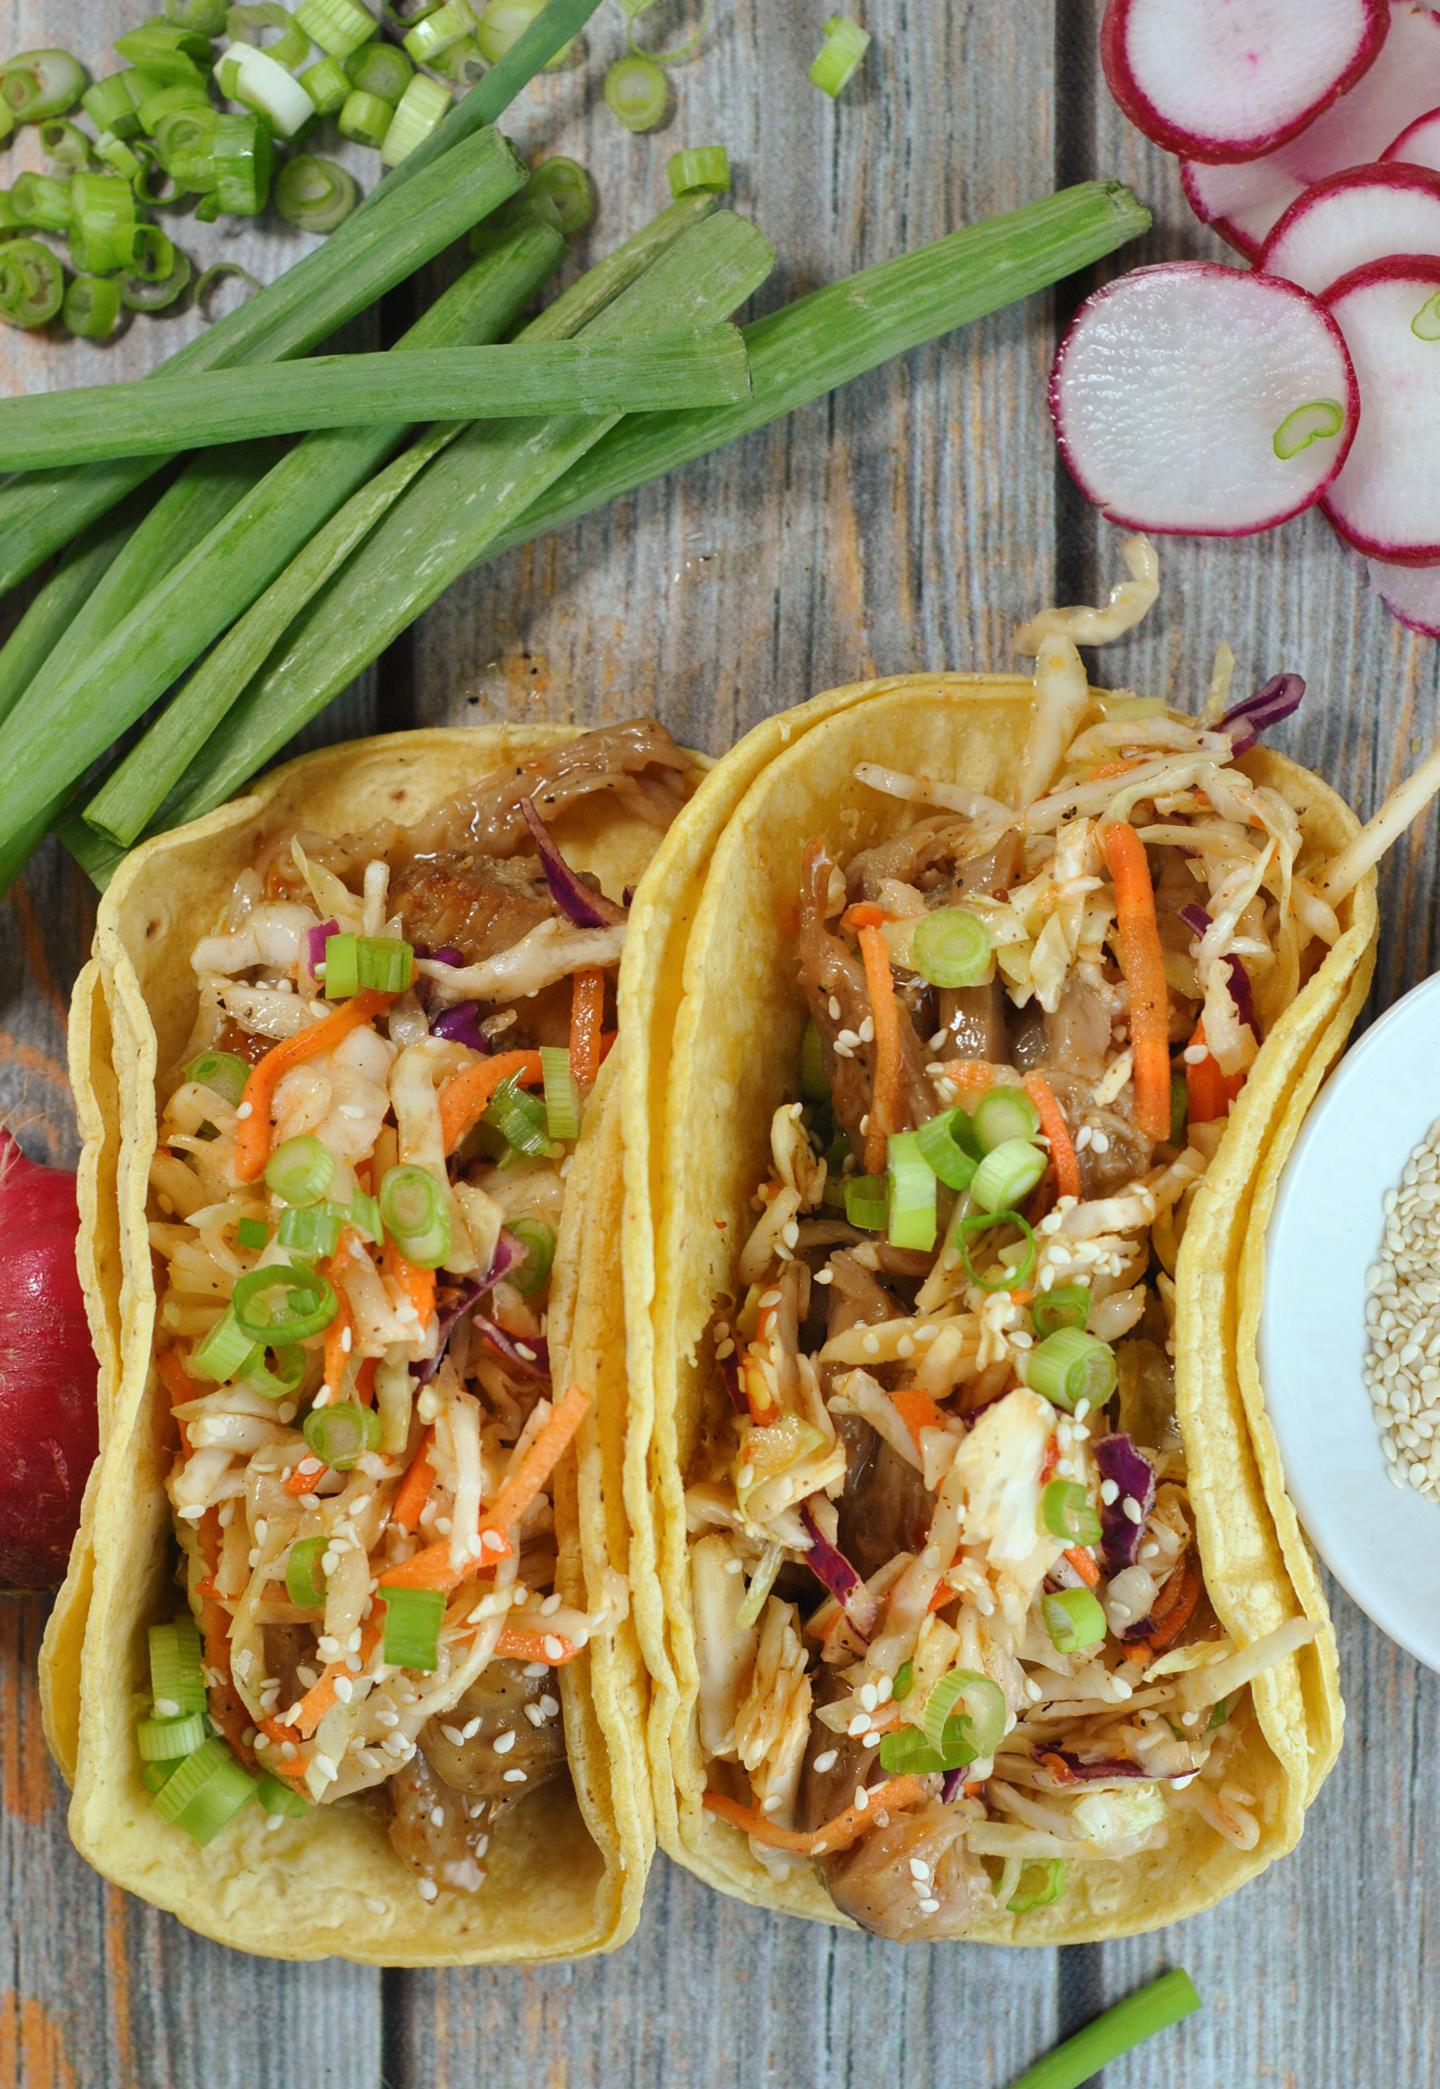 Korean BBQ Tacos with Quick Kimchi via @preventionrd